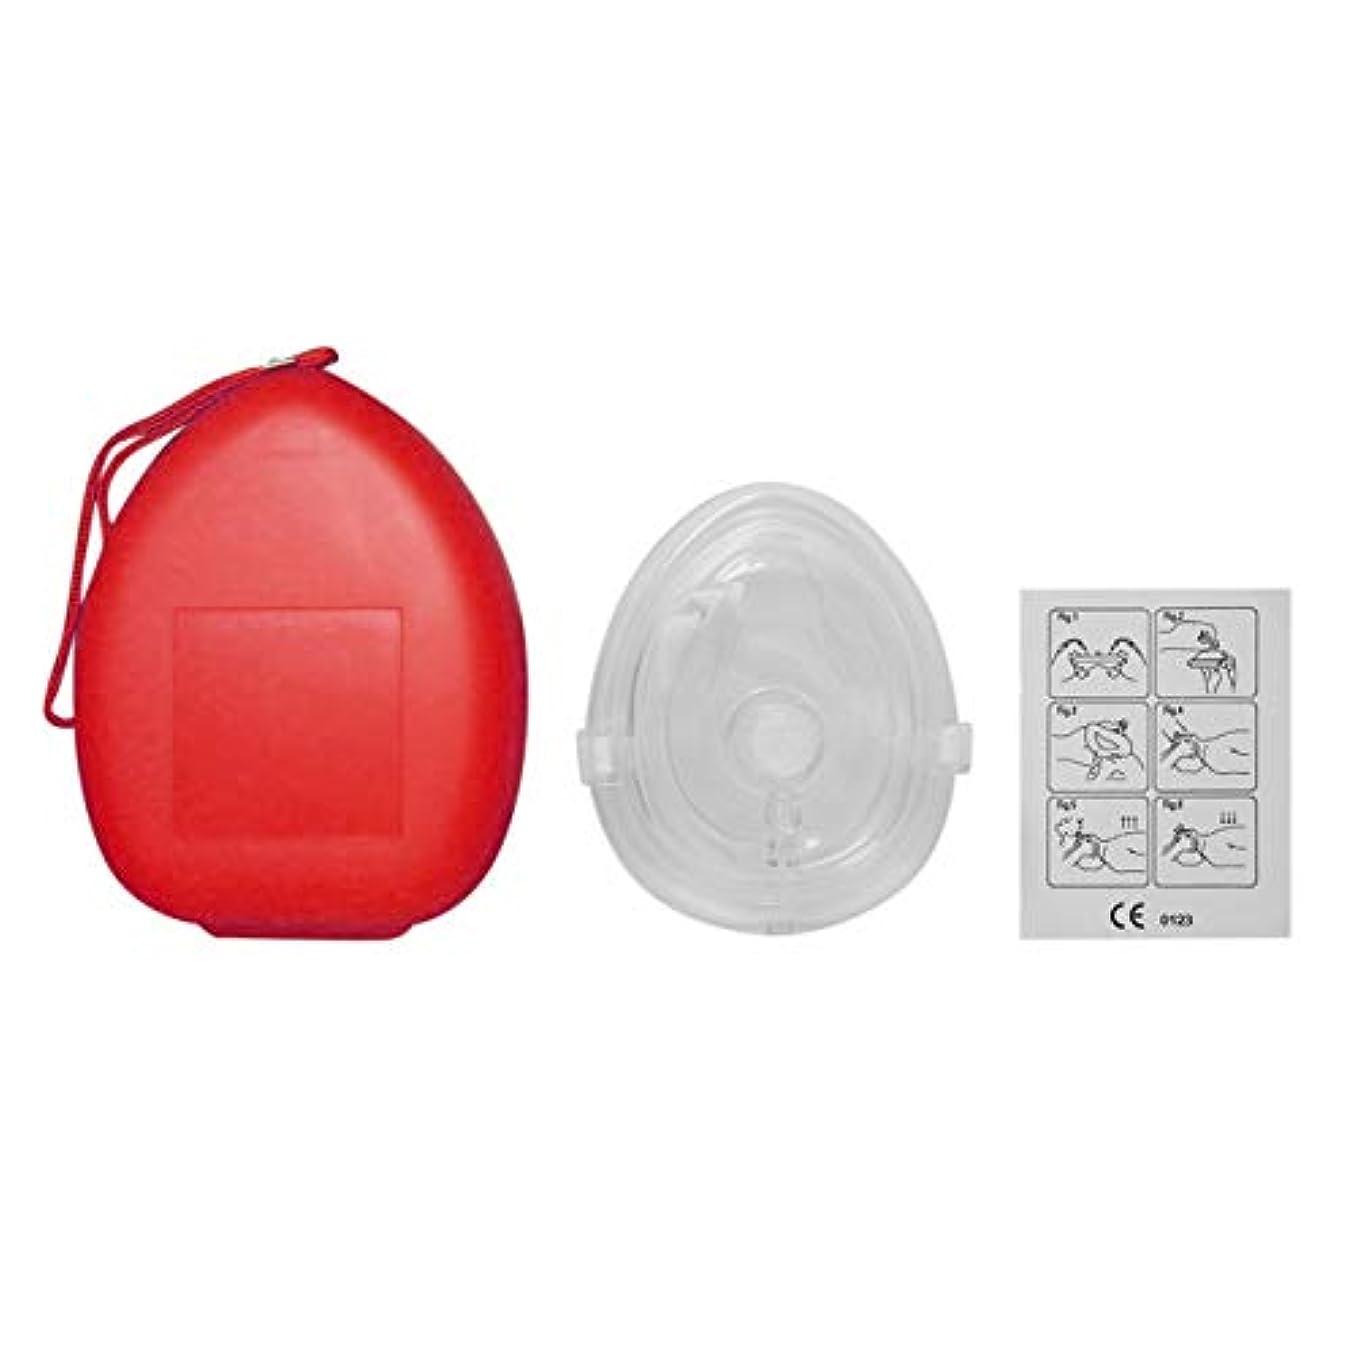 説明的アレンジ彼らの友美 プロのcpr顔保護マスク付き一方向弁救急救助者トレーニング教育キット呼吸マスク医療ツール